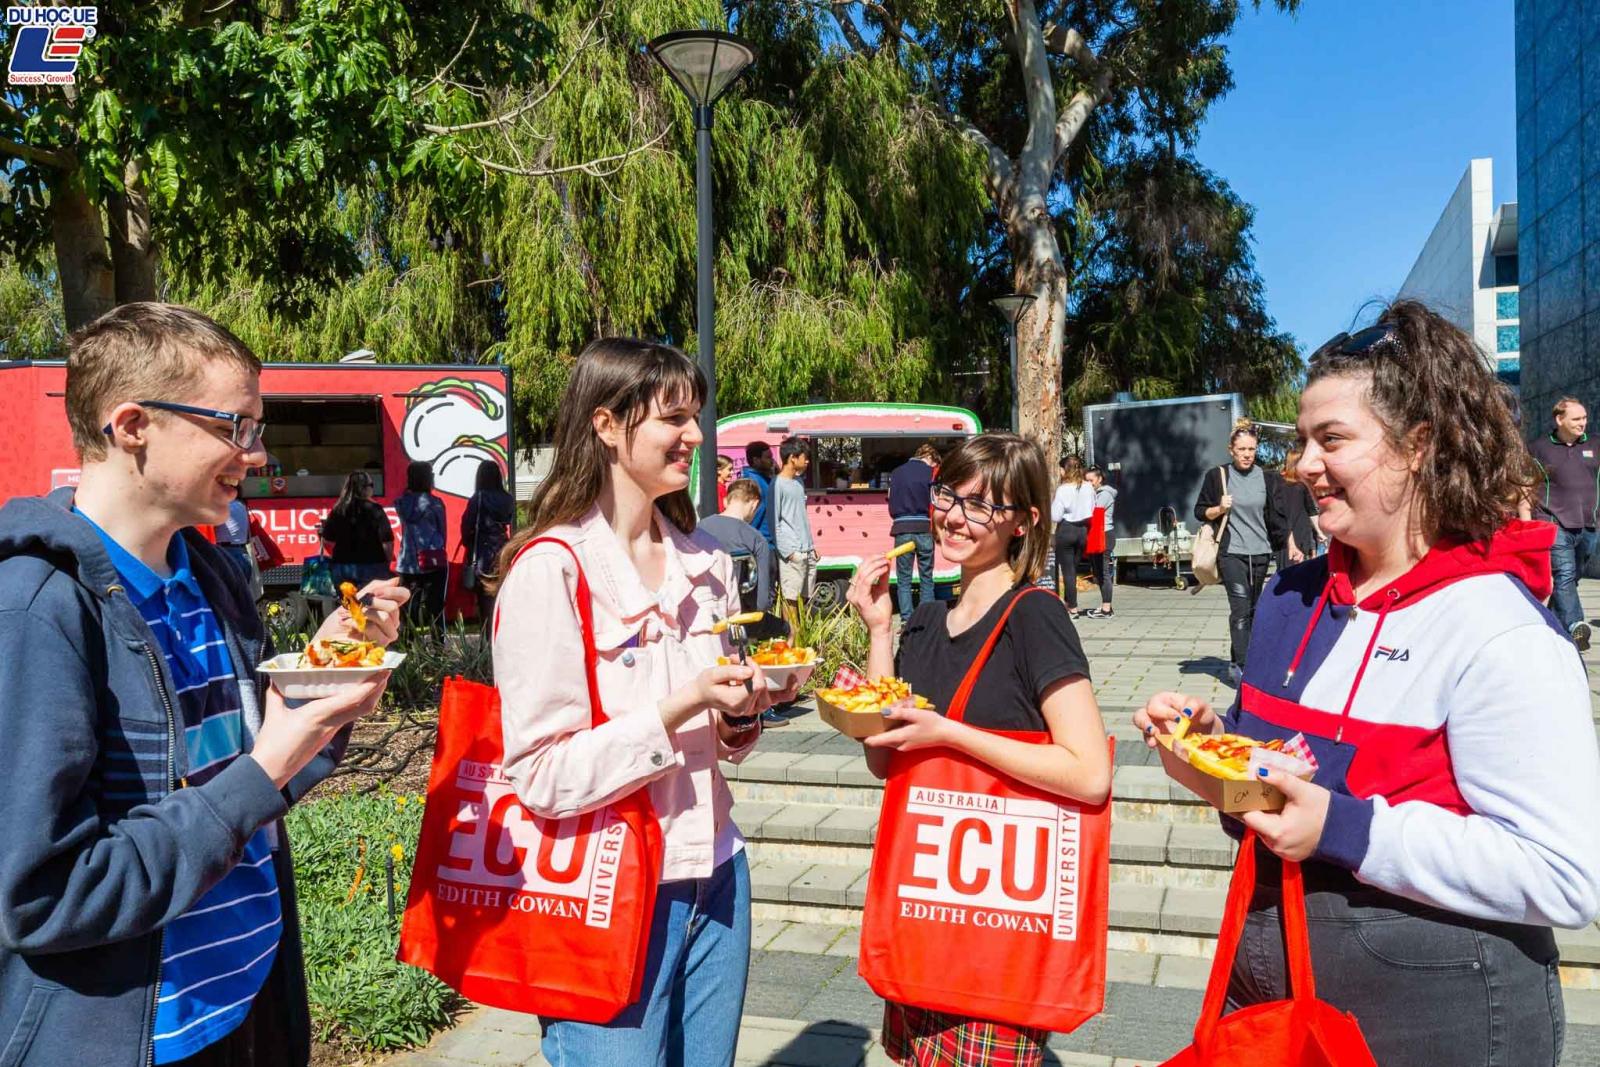 Sẵn sang chinh phục thế giới với học bổng 20% tại Edith Cowan University 4